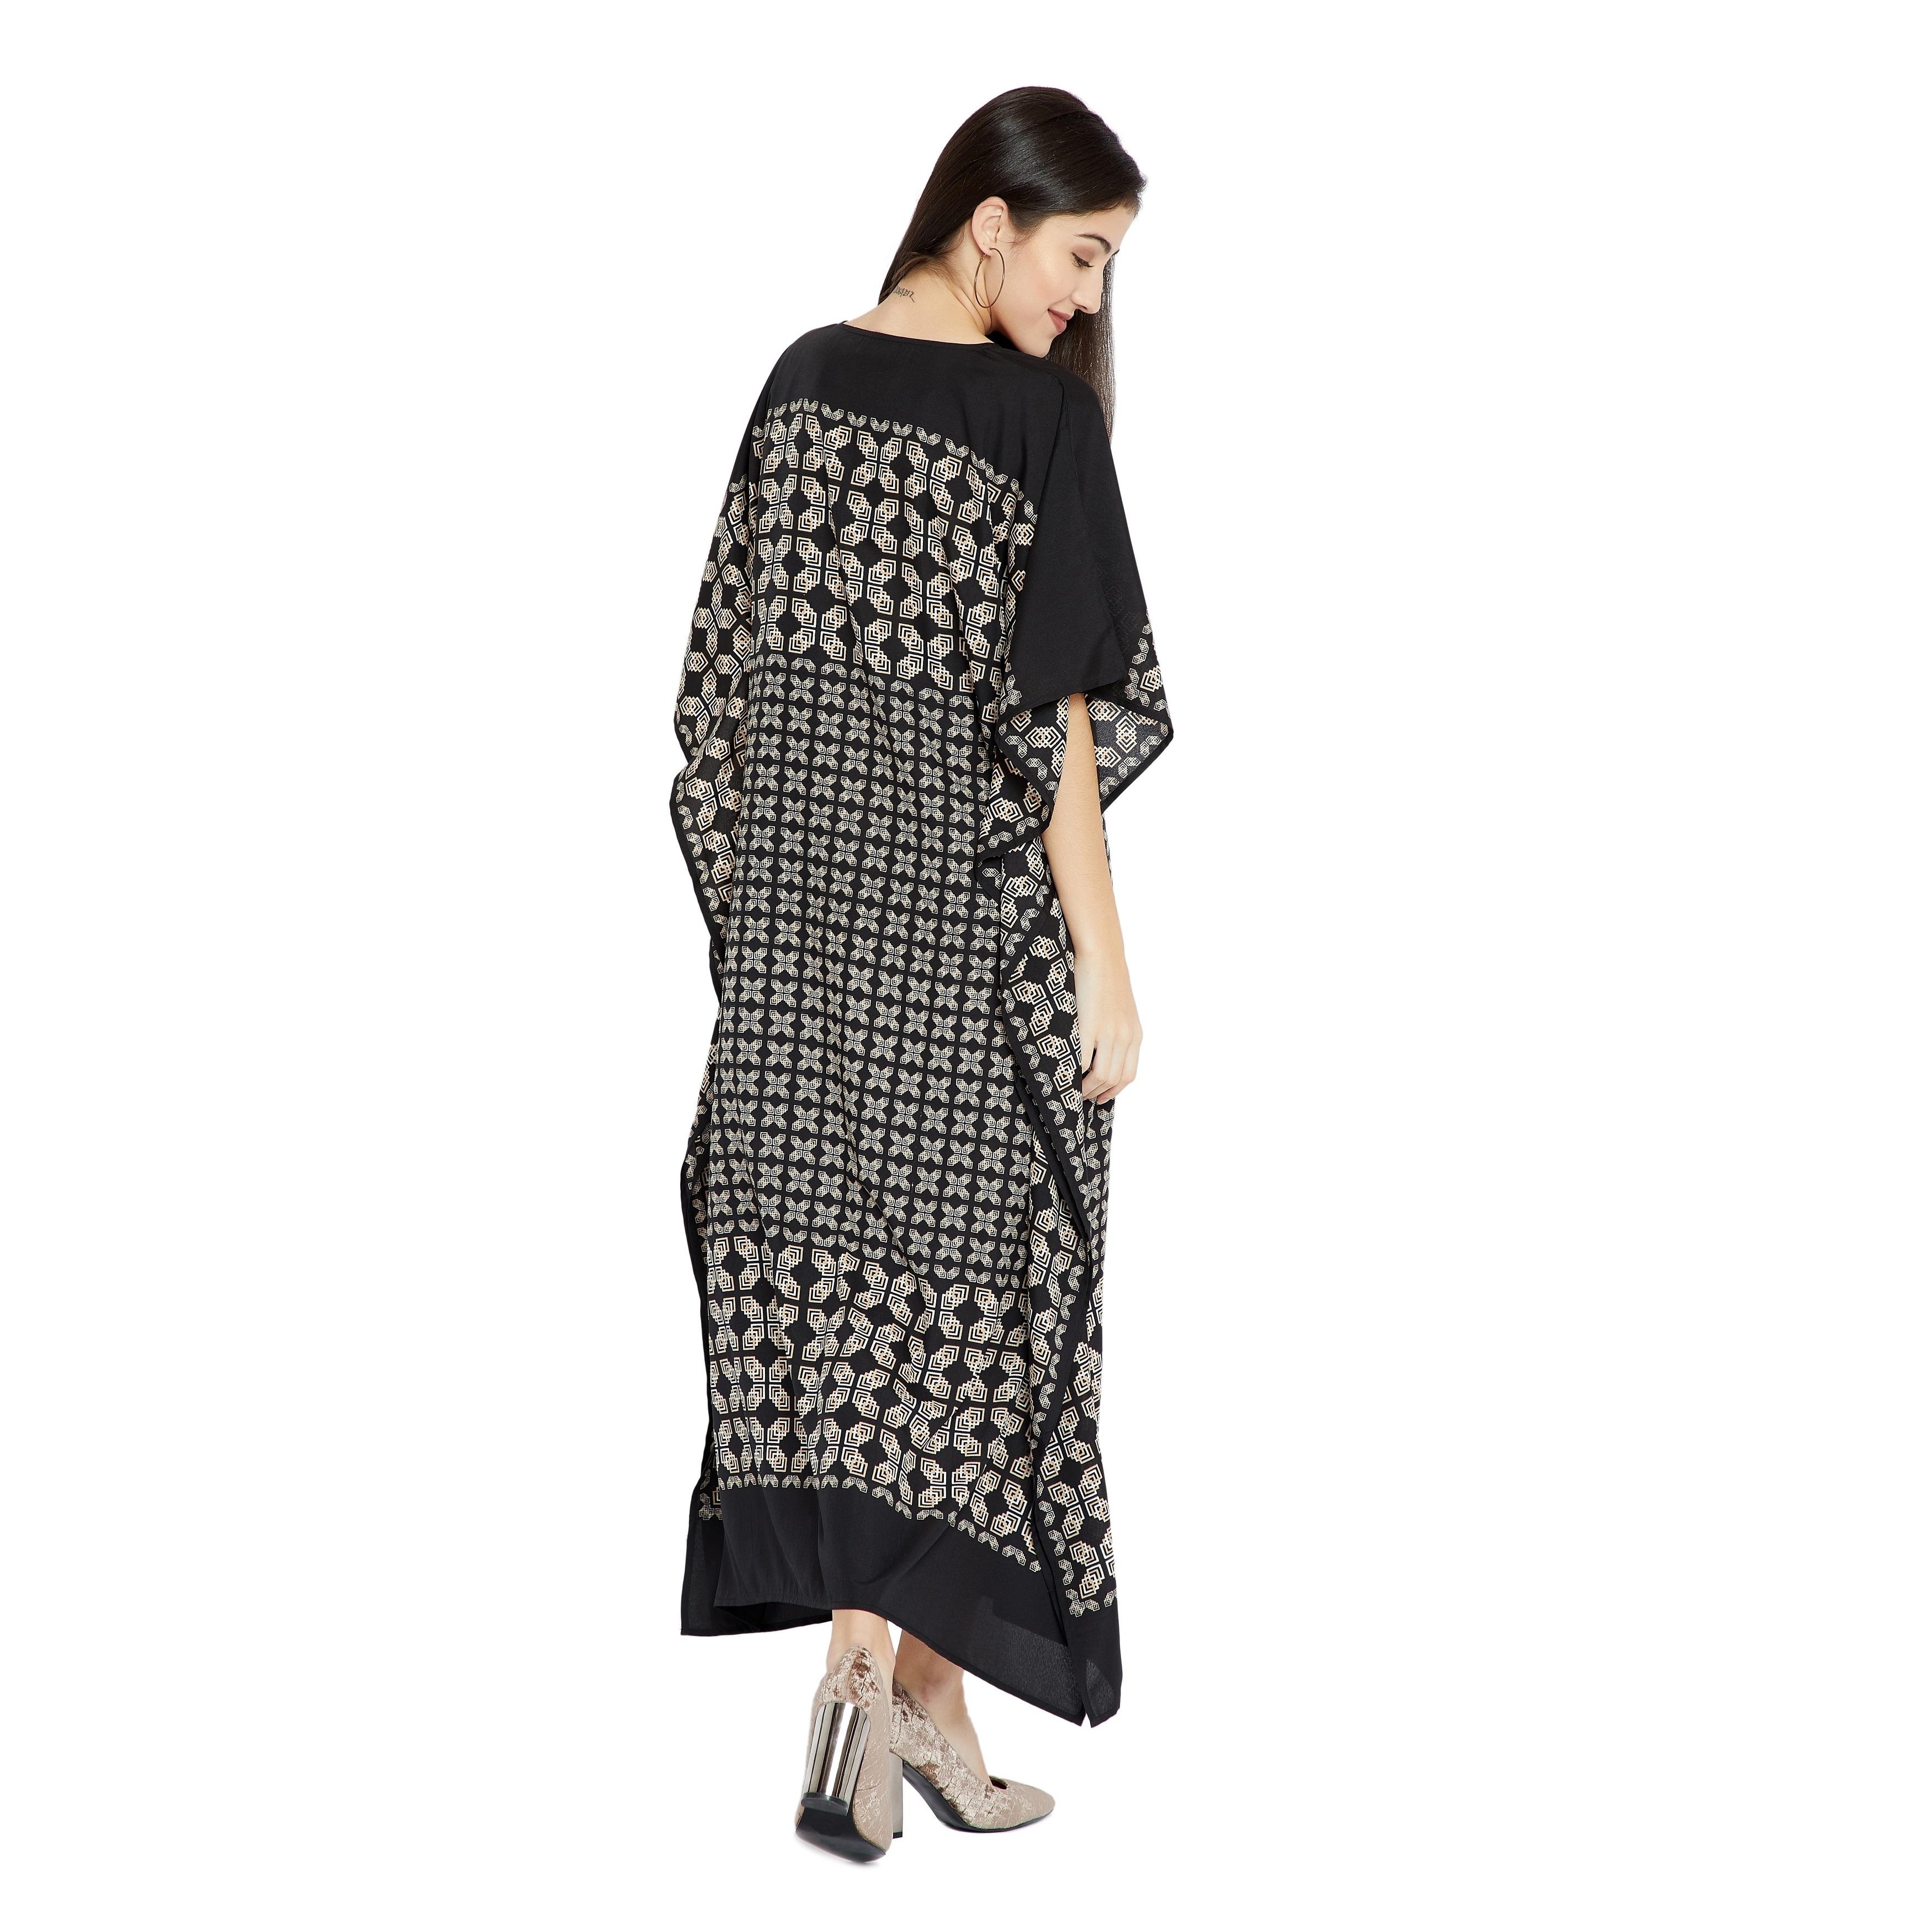 8c642c47c3e Shop Black Caftan Women Geometric PlusSize Kaftan Dress Maxi Casual Evening  - Free Shipping Today - Overstock - 23578541